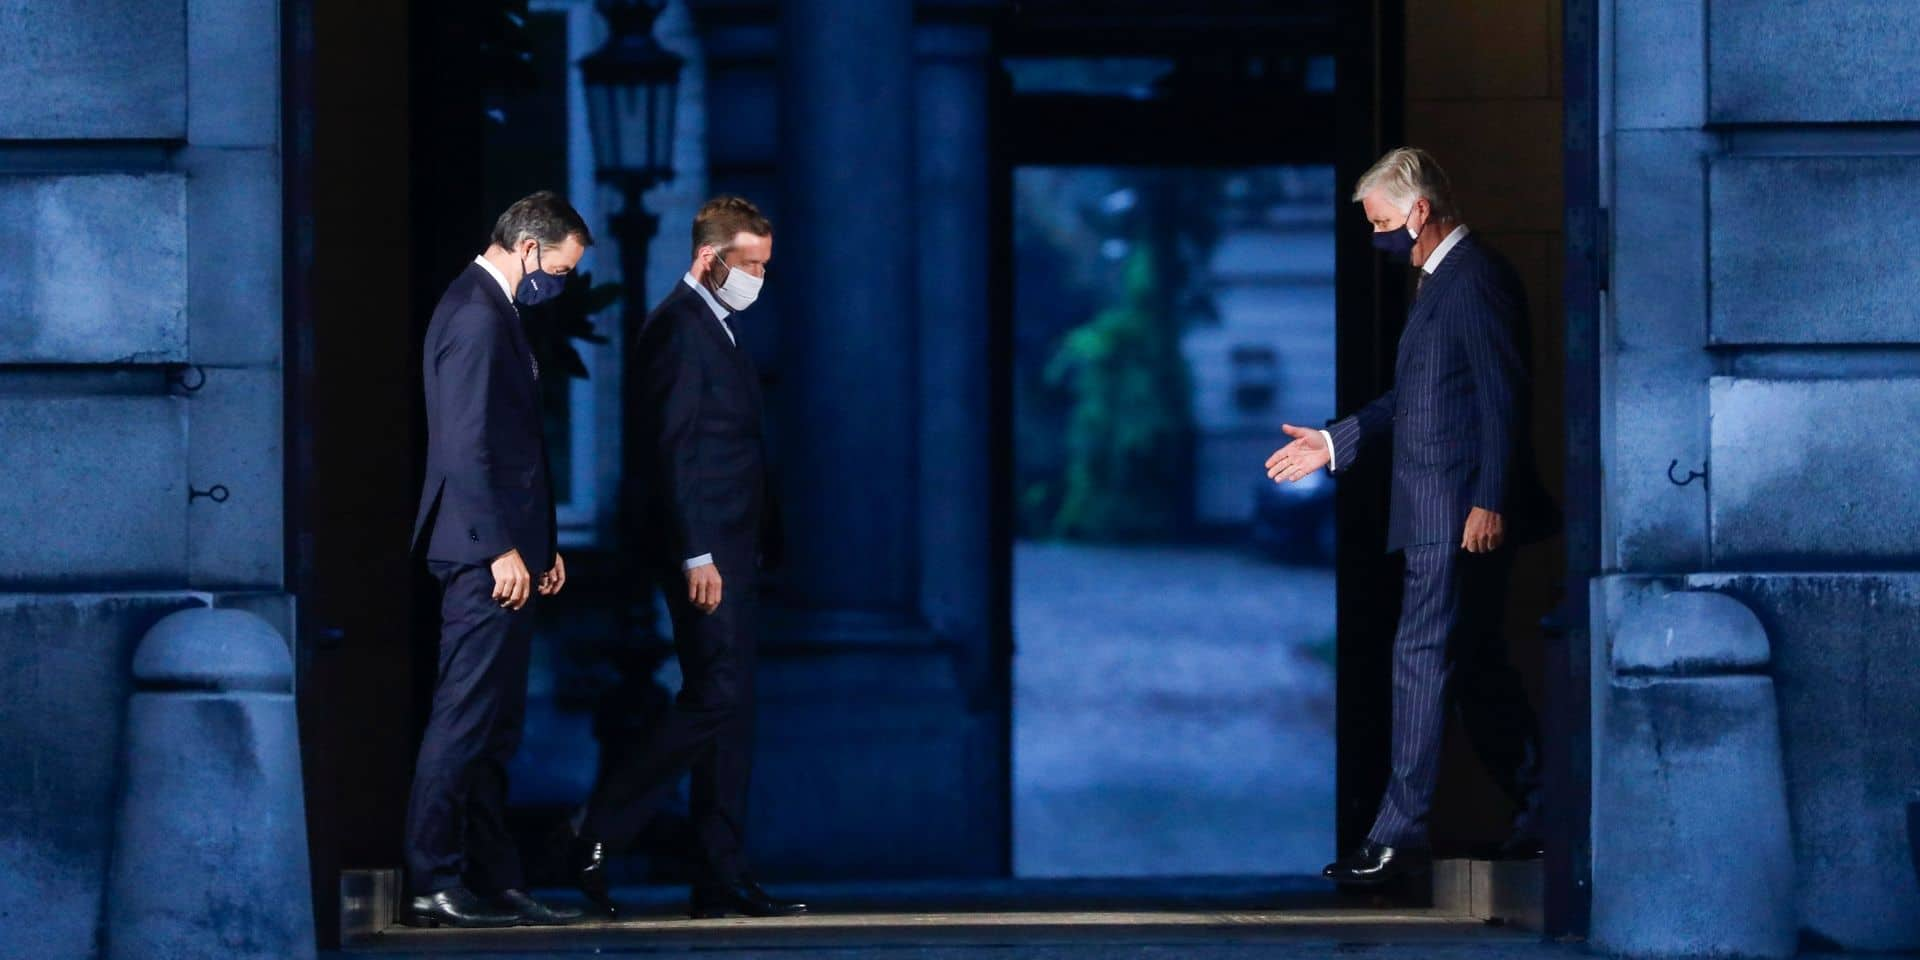 Quel rôle a joué le Roi dans la crise politique? Retour sur les 36 audiences royales depuis mai 2019